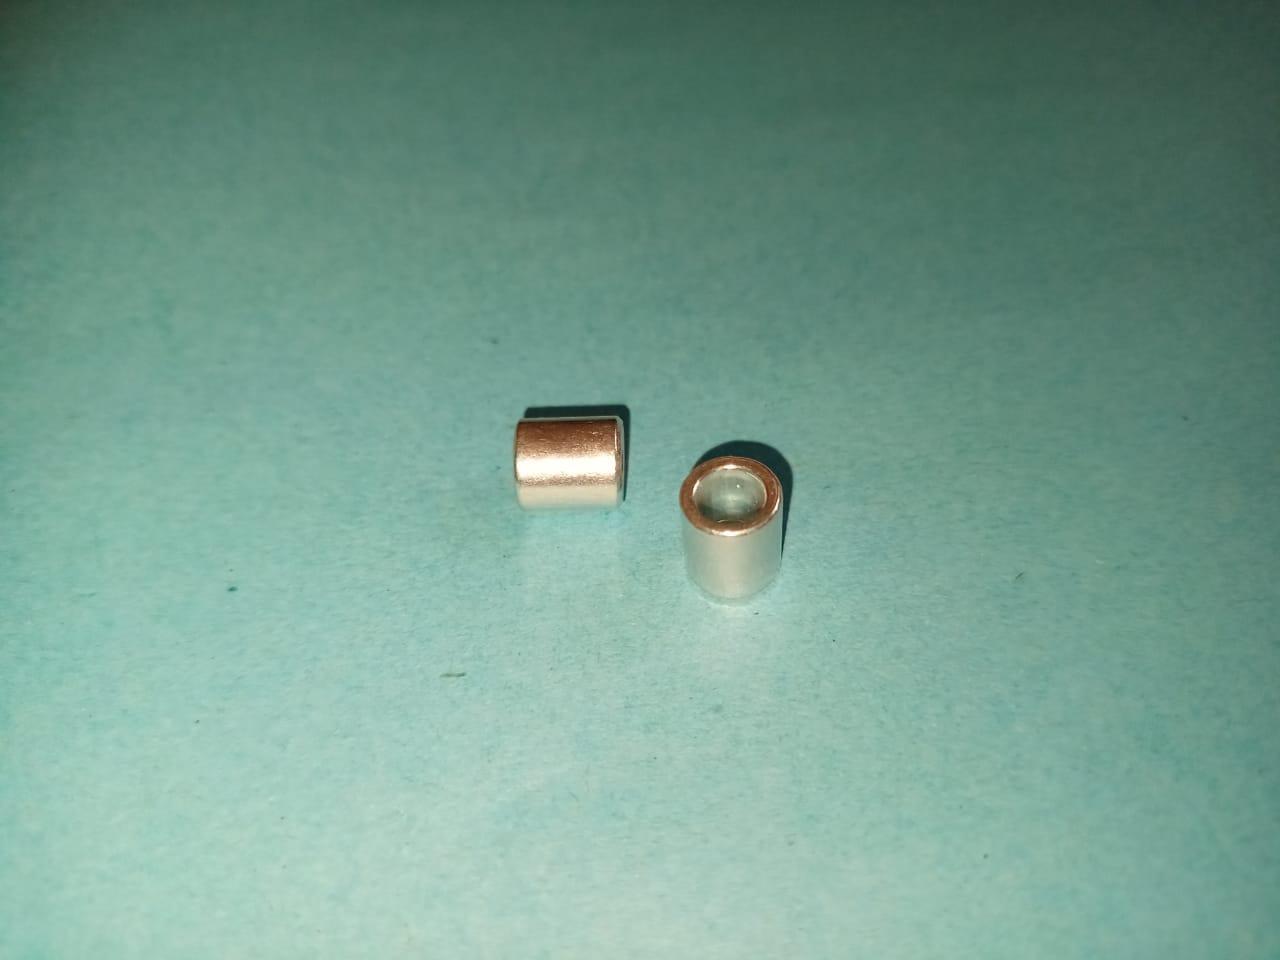 Втулка для фасадных заклёпок для монтажа фиброцементных плит